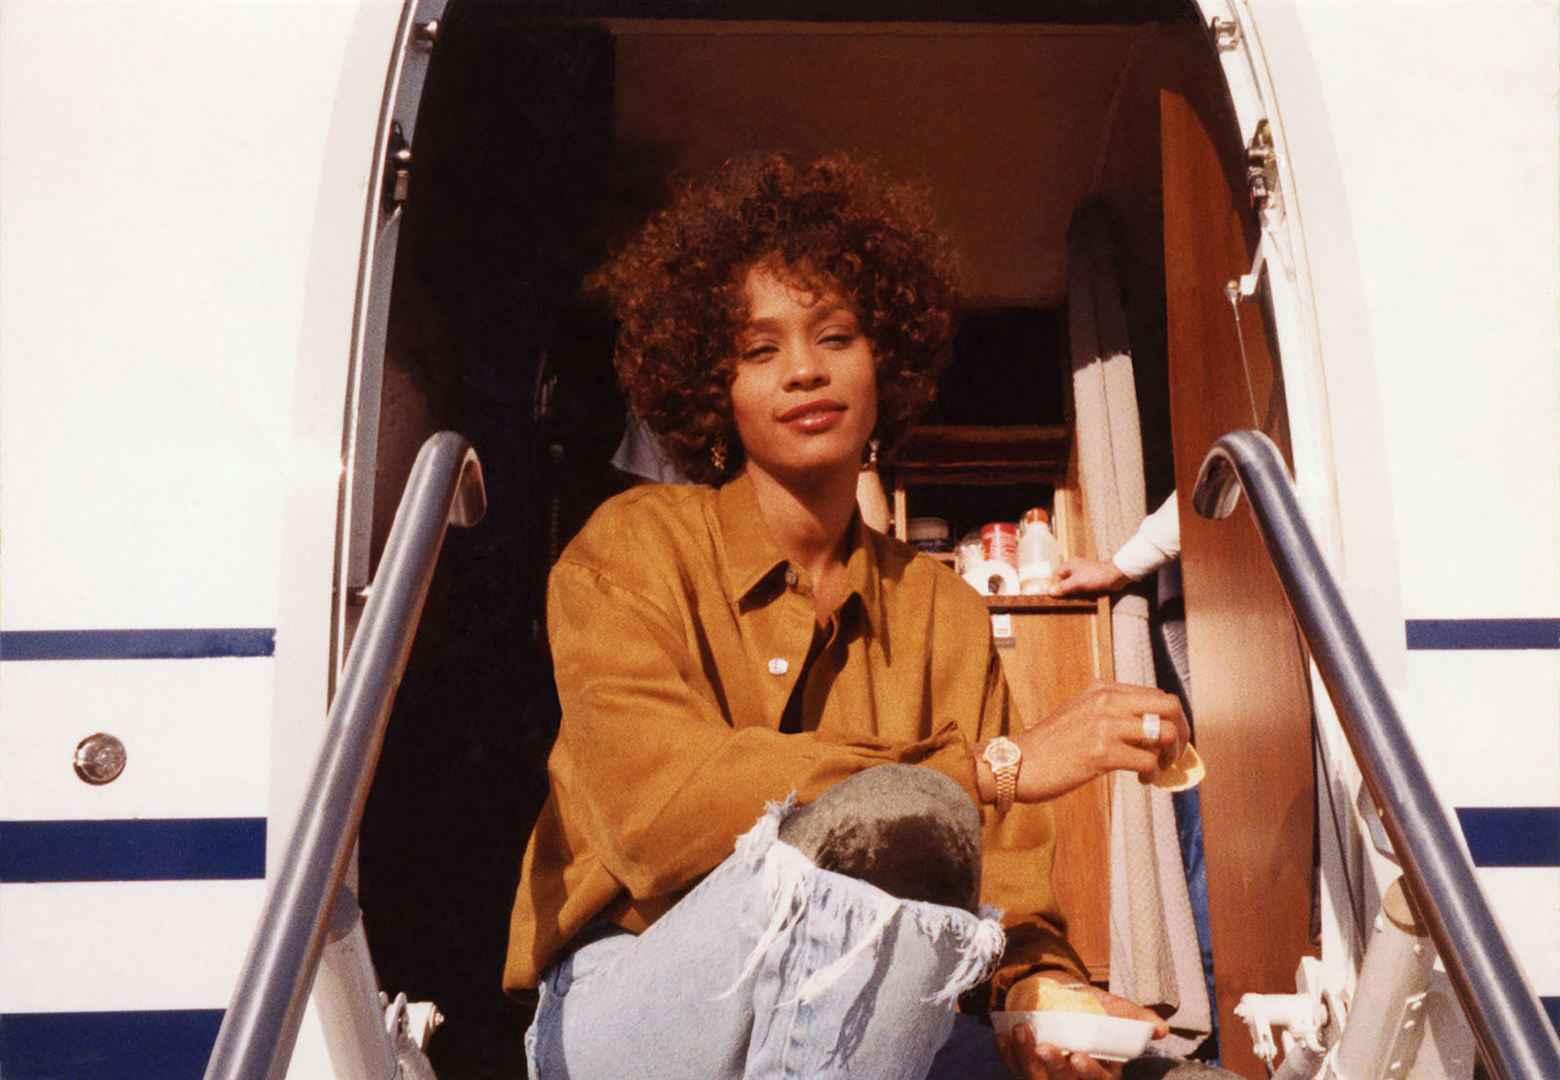 Whitney Elle a vendu 200 millions d'albums. Elle détient le record du plus grand nombre de numéros 1 consécutifs. Sa chanson « I Will Always Love You » est le single le plus vendu par une chanteuse. Derrière les records, les rumeurs, les scandales, les secrets et la gloire, voici la vraie Whitney.